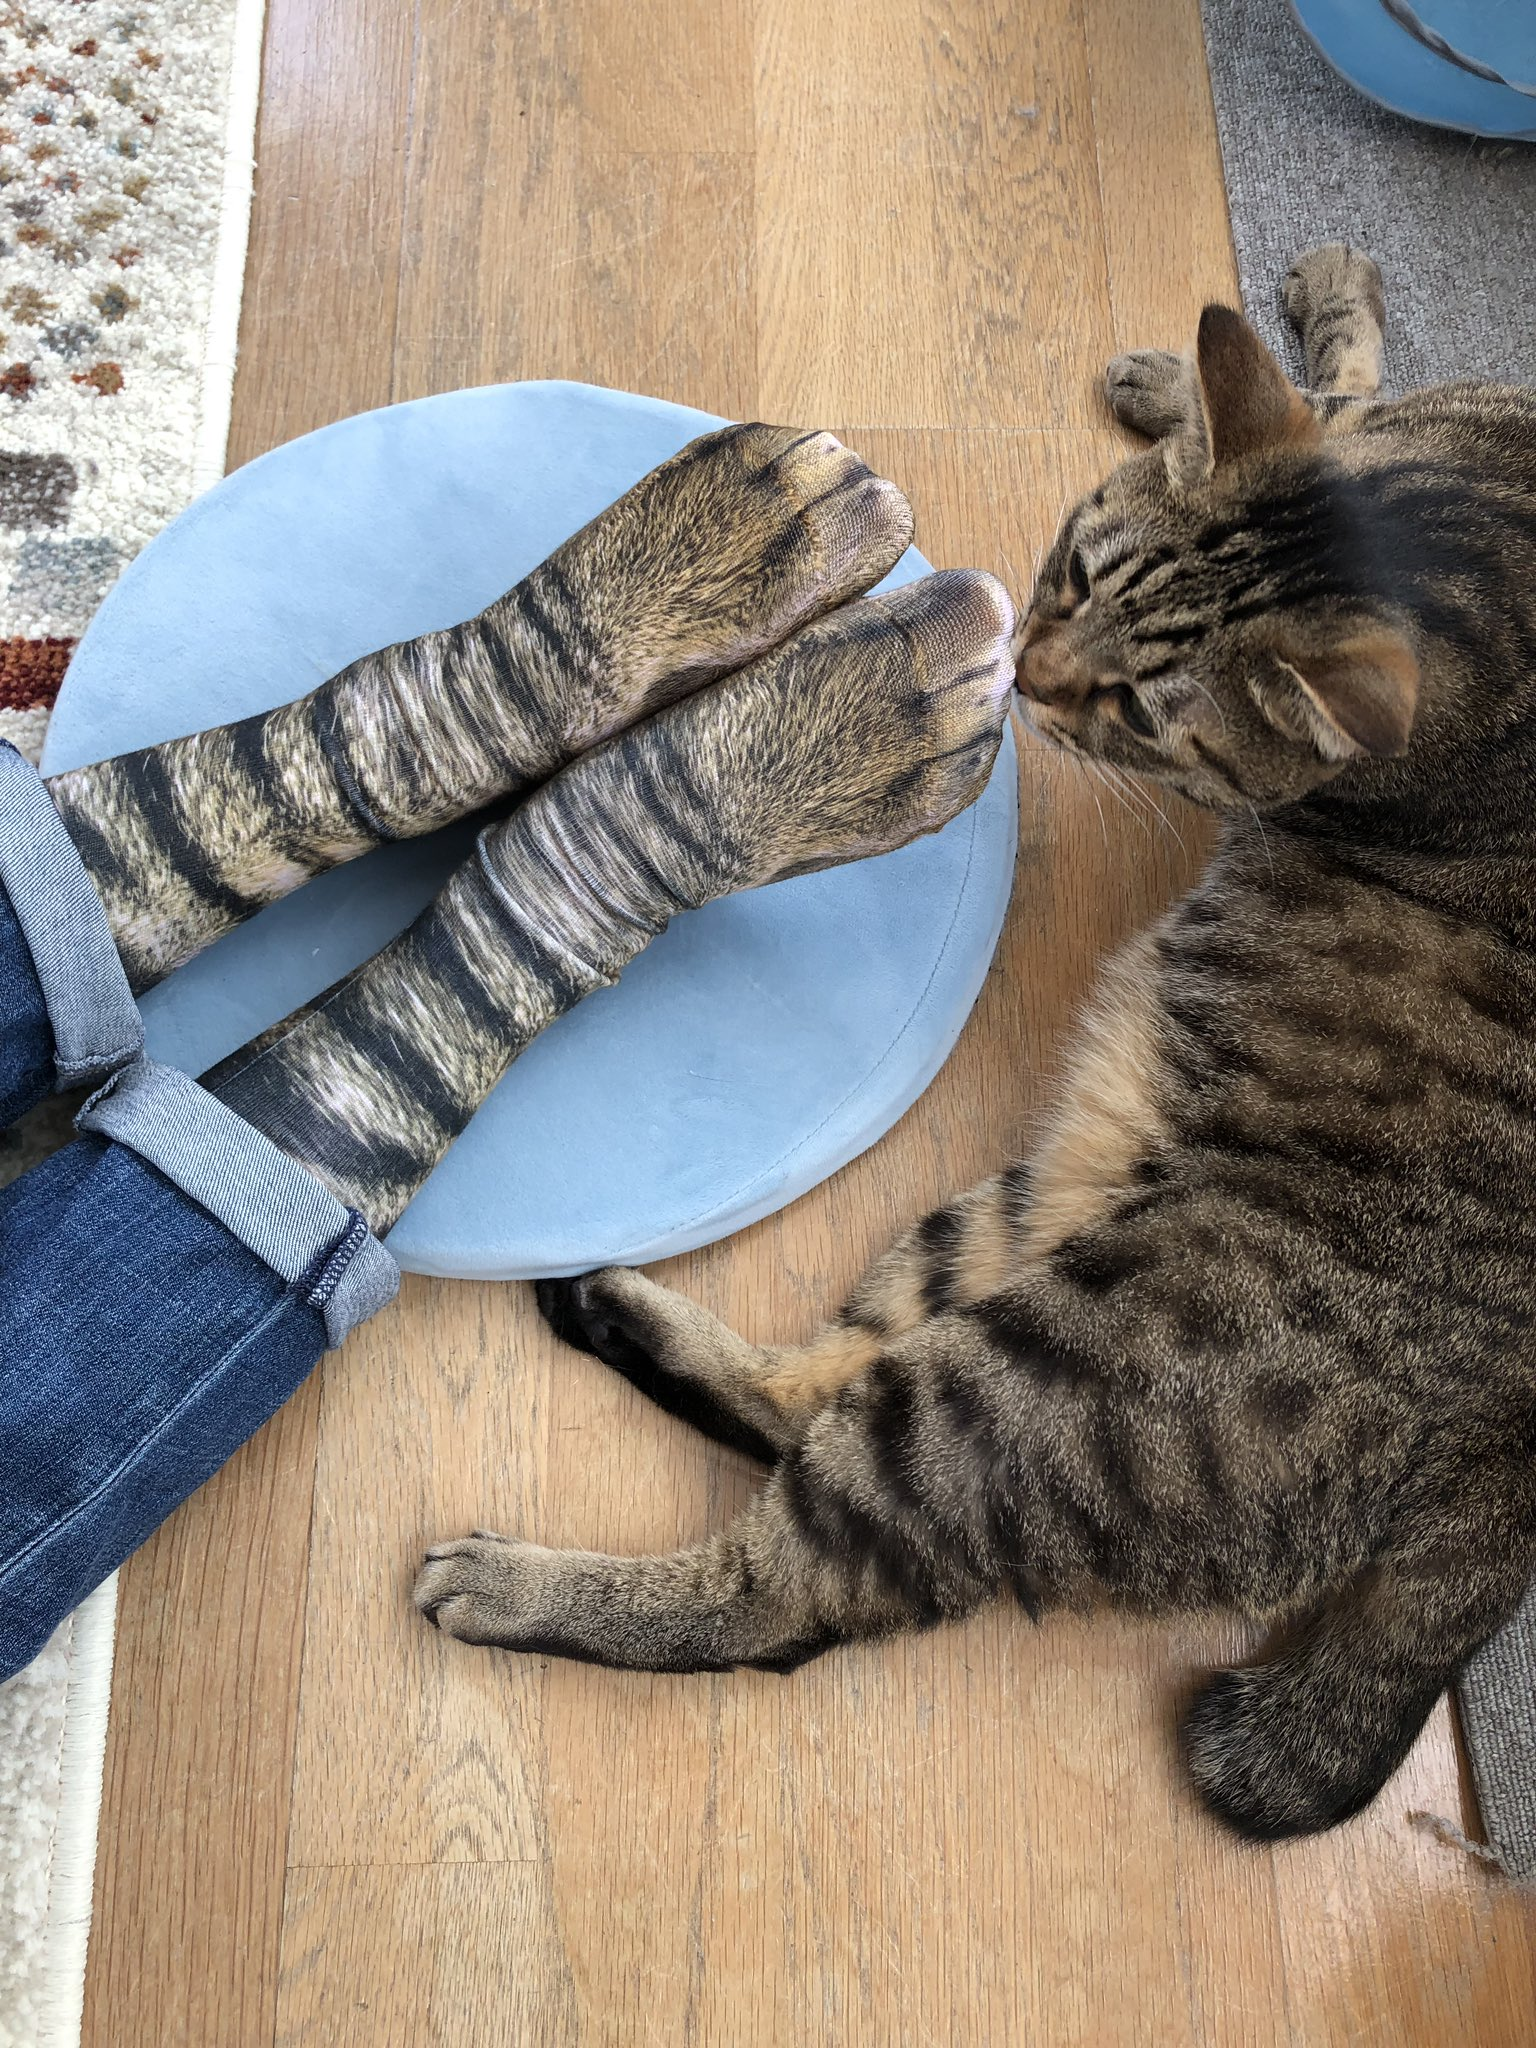 猫の靴下が想像以上に猫だった